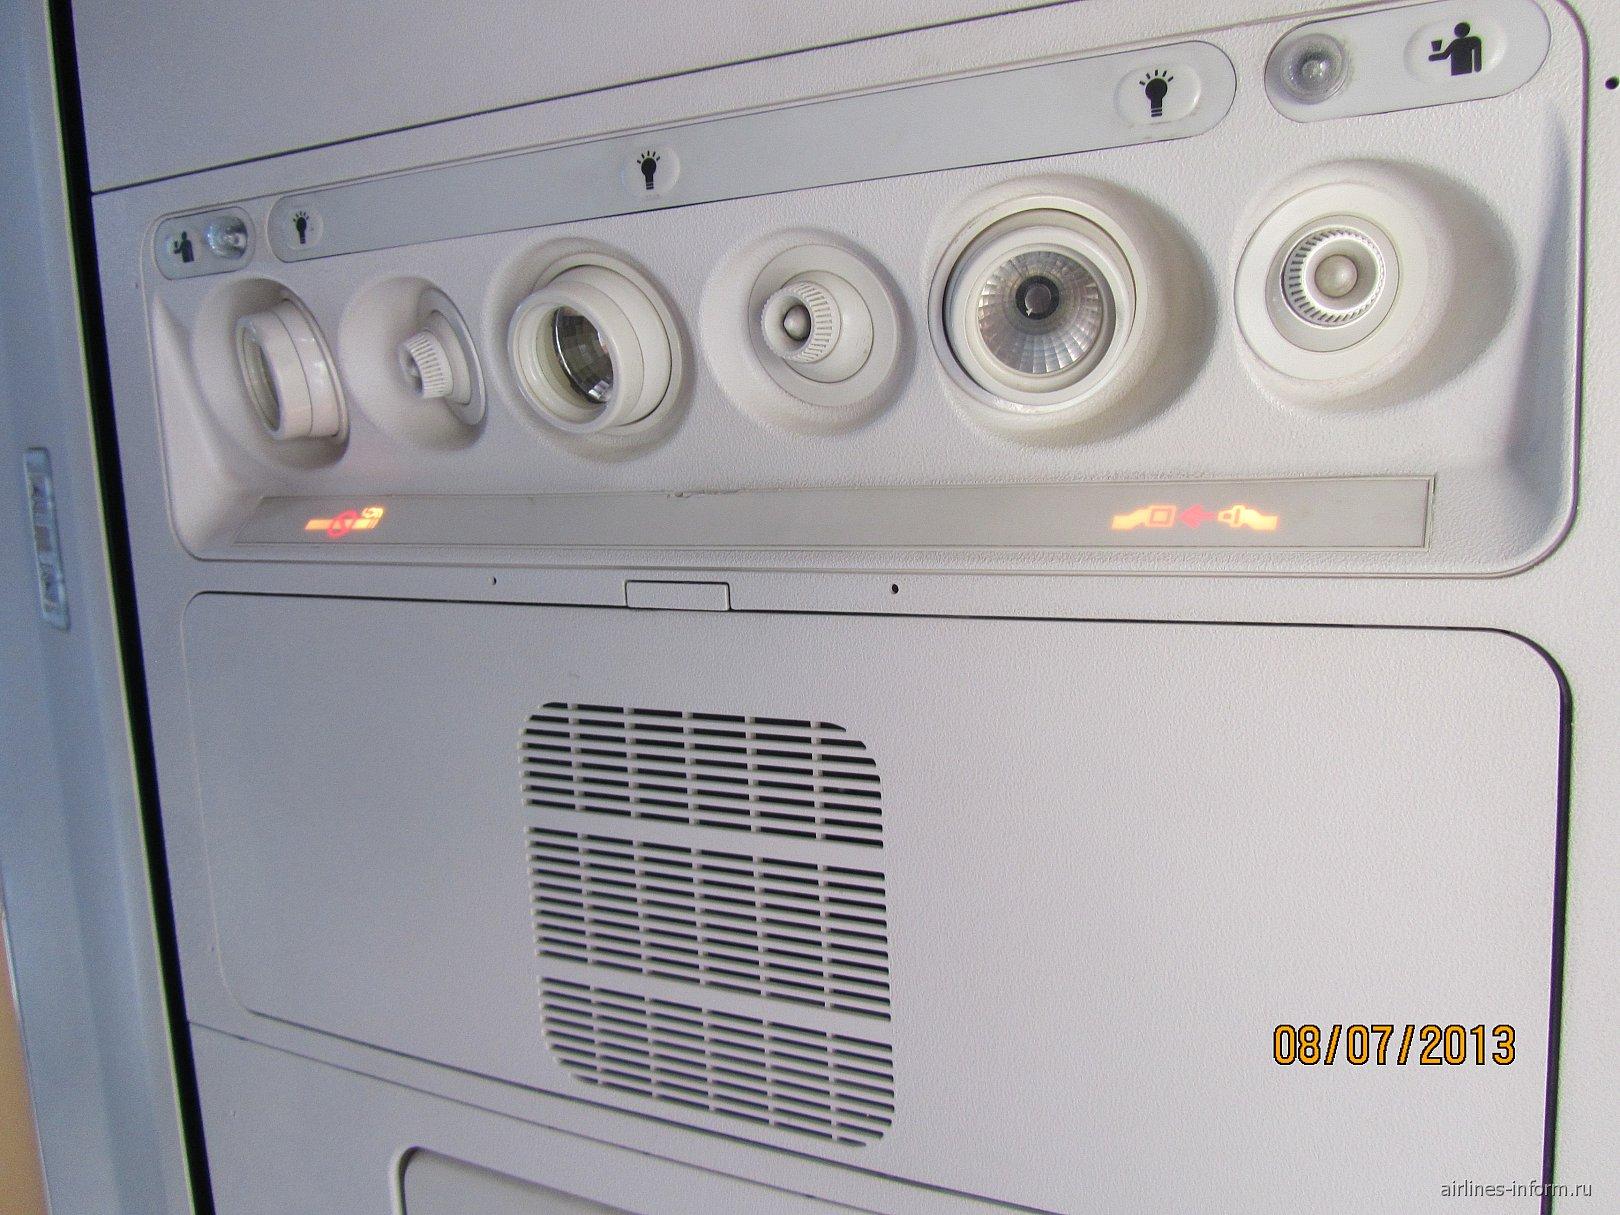 Салон самолета Боинг-737-800 авиакомпании Air China